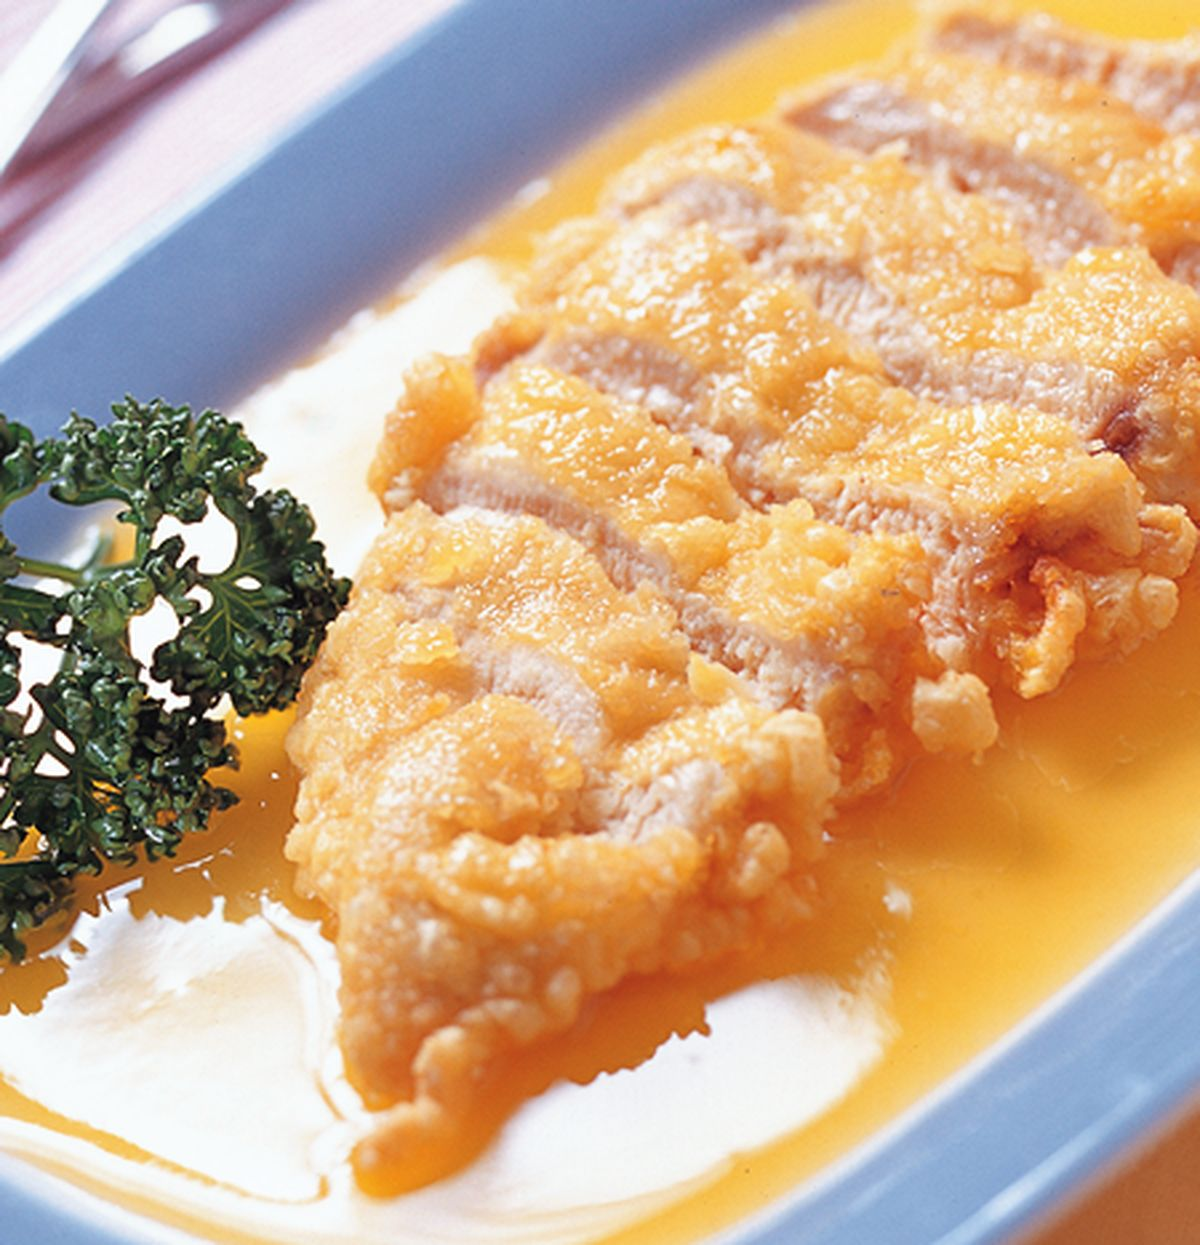 食譜:西檸煎軟雞